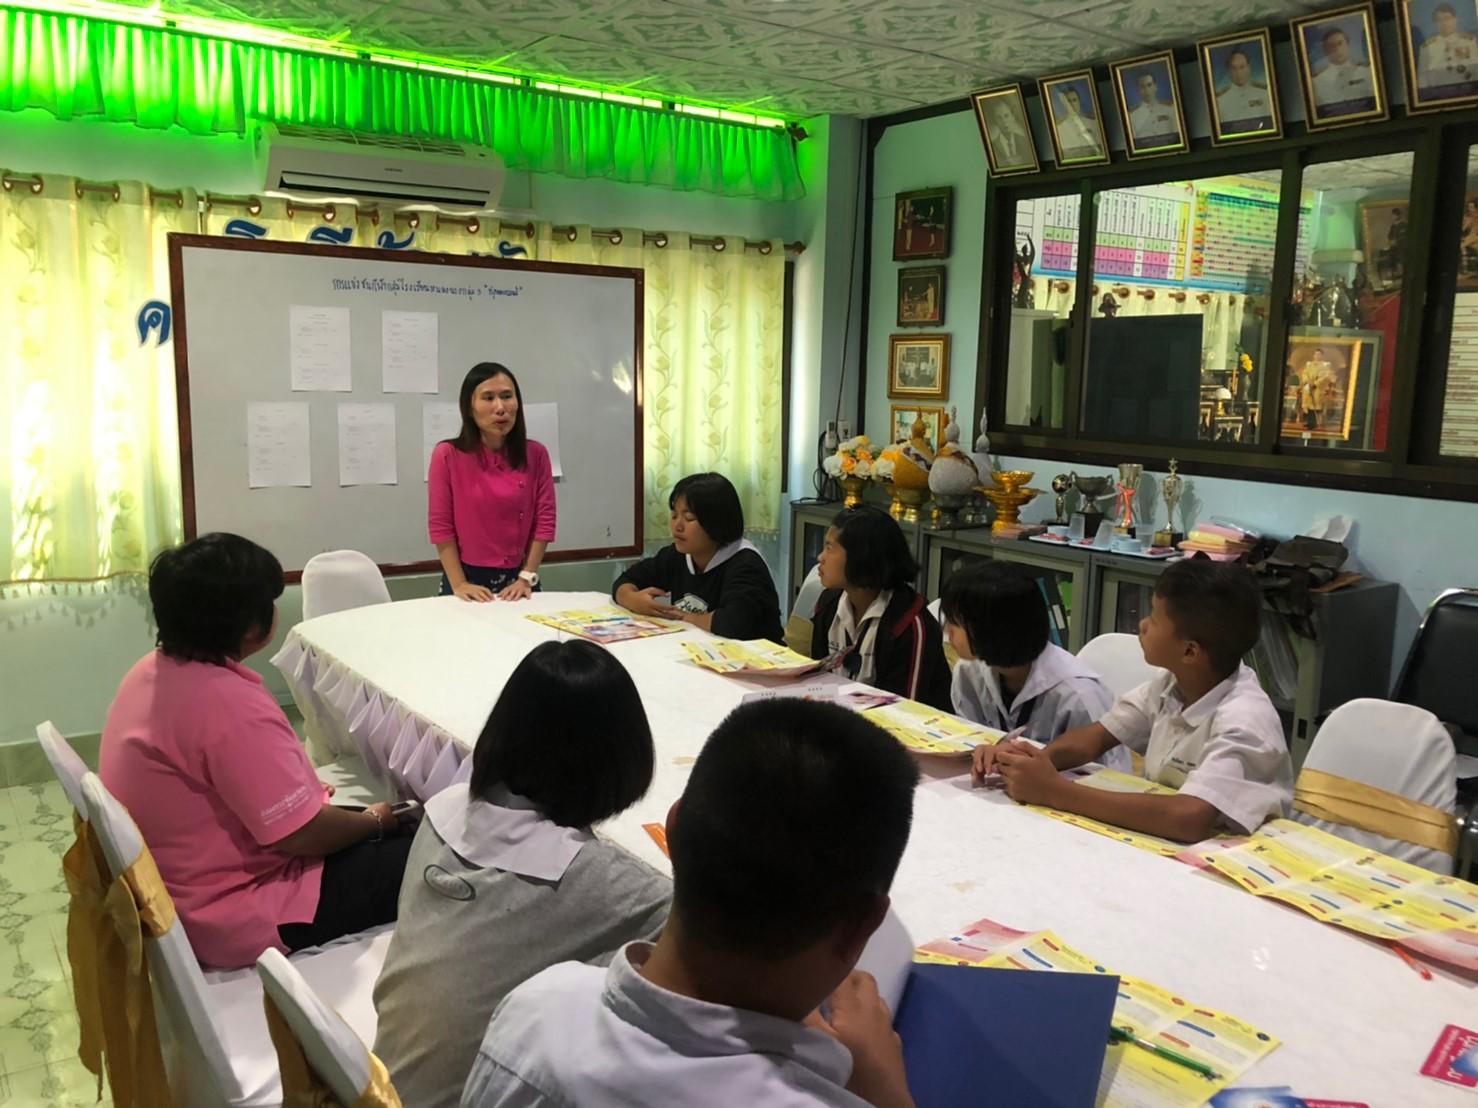 ดำเนินการโครงการเตรียมความพร้อมแก่กำลังแรงงาน  กิจกรรมแนะแนวอาชีพให้นักเรียน นักศึกษา ประจำปีงบประมา